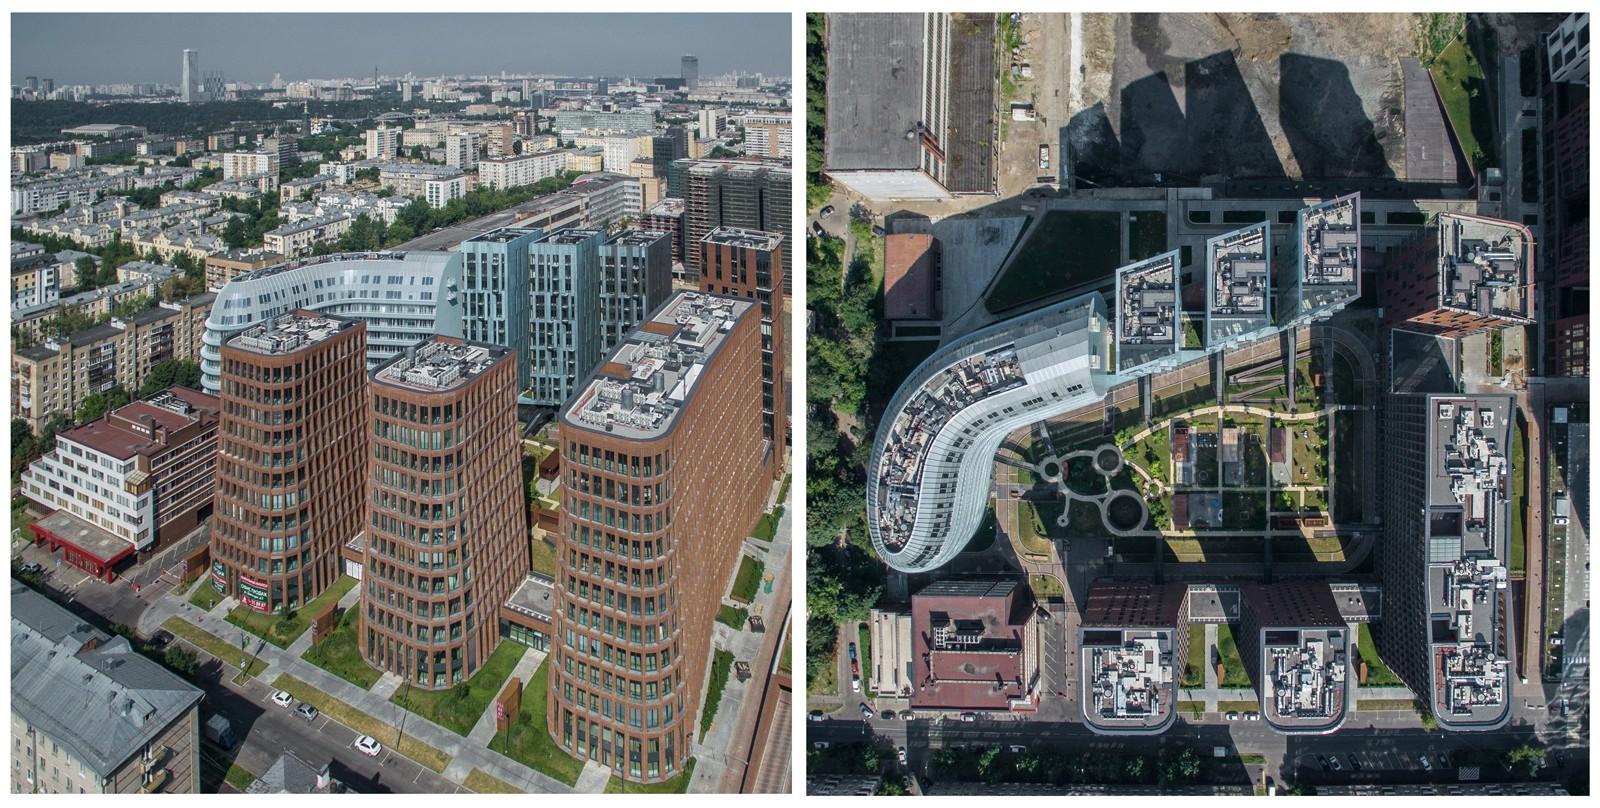 ЖК «Садовые Кварталы» расположился в 3 км от Кремля в самом центре Хамовников. Над проектом трудилис